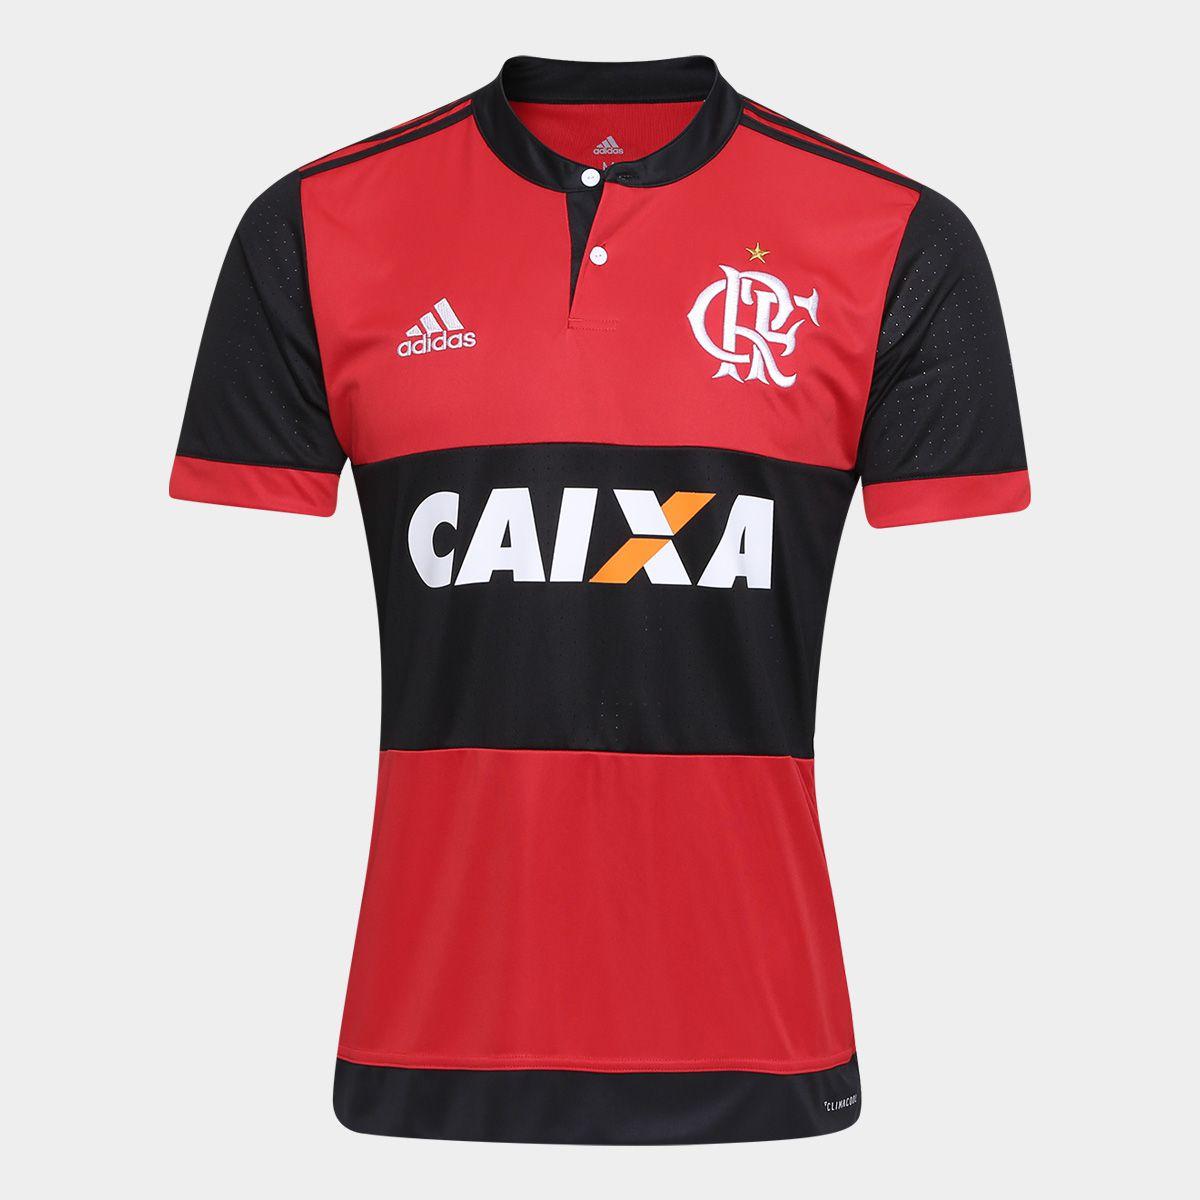 Camisa Flamengo I 17 18 s n° - Torcedor Adidas Masculina - Vermelho e Preto  - Point do Esporte 077aae723b9